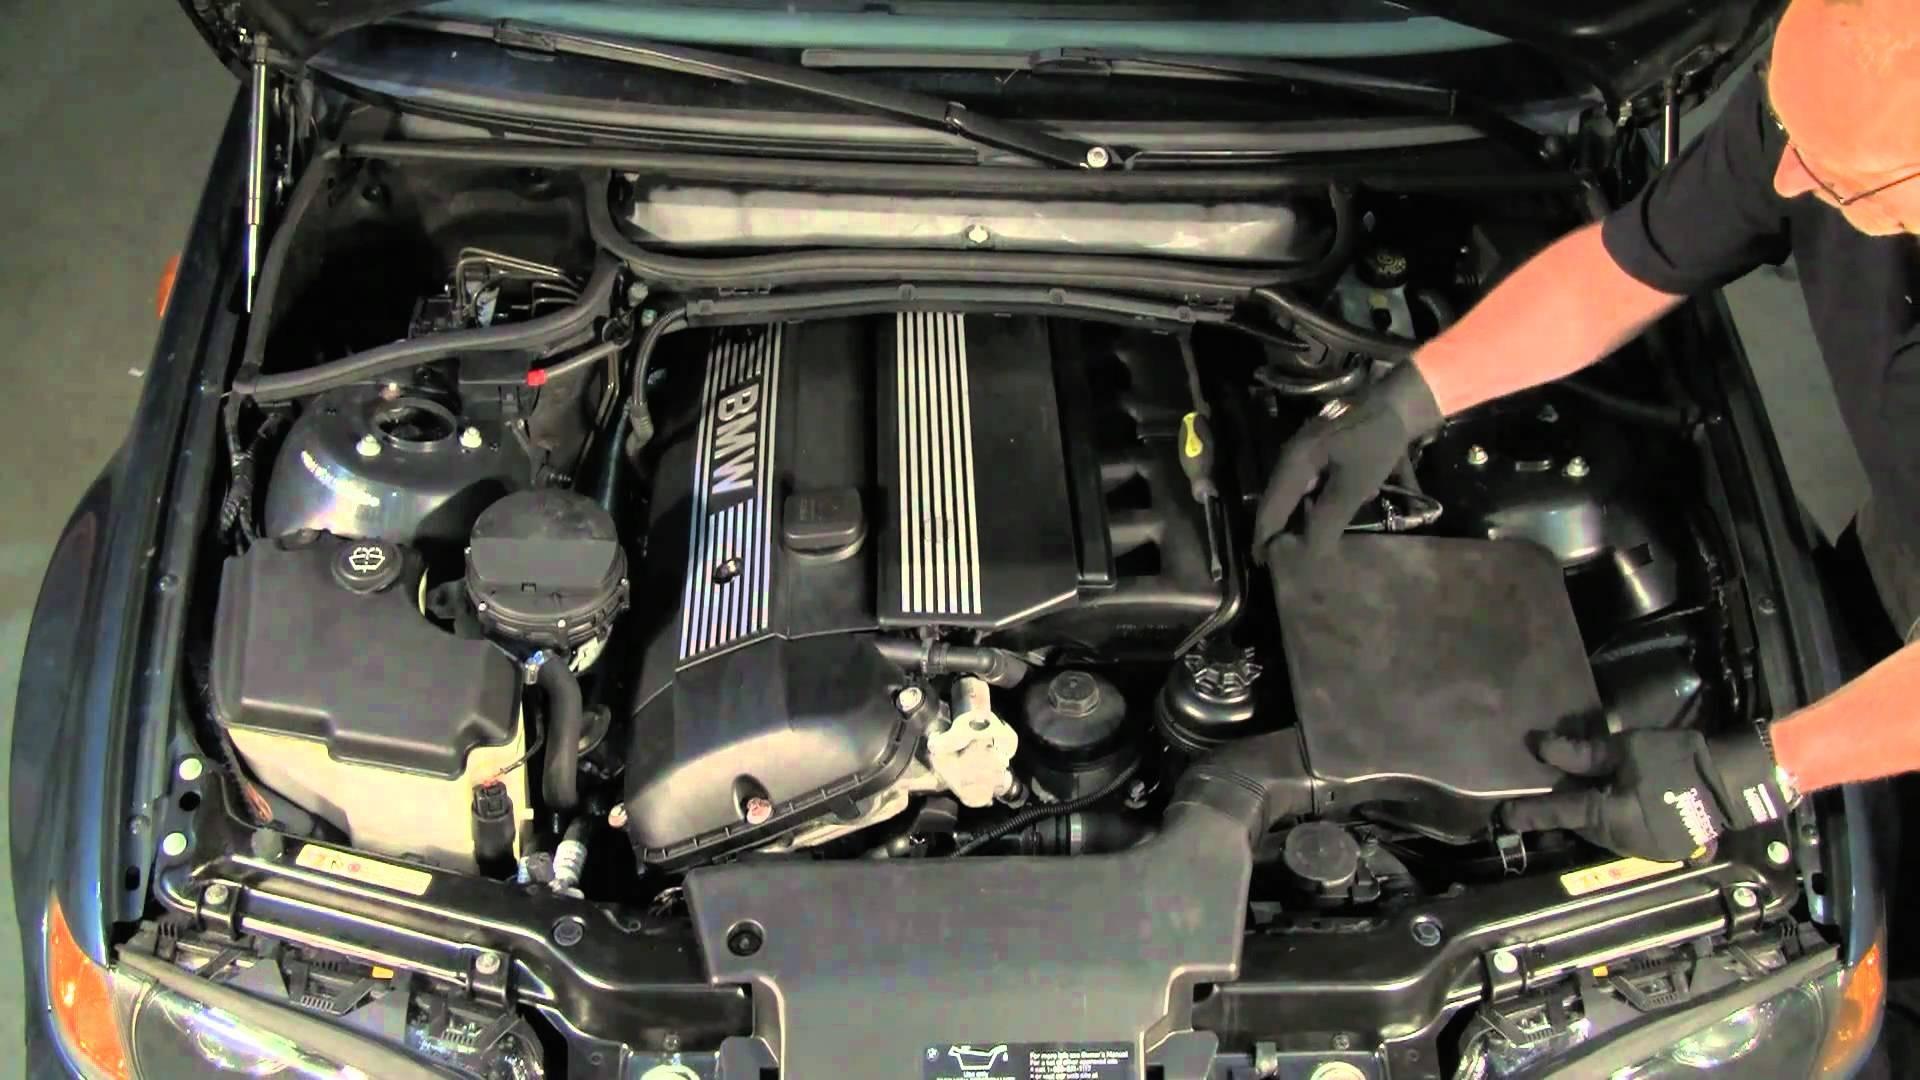 Bmw 318ti Engine Diagram Under the Hood A Bmw 3 Series 99 Thru 05 Of Bmw 318ti Engine Diagram